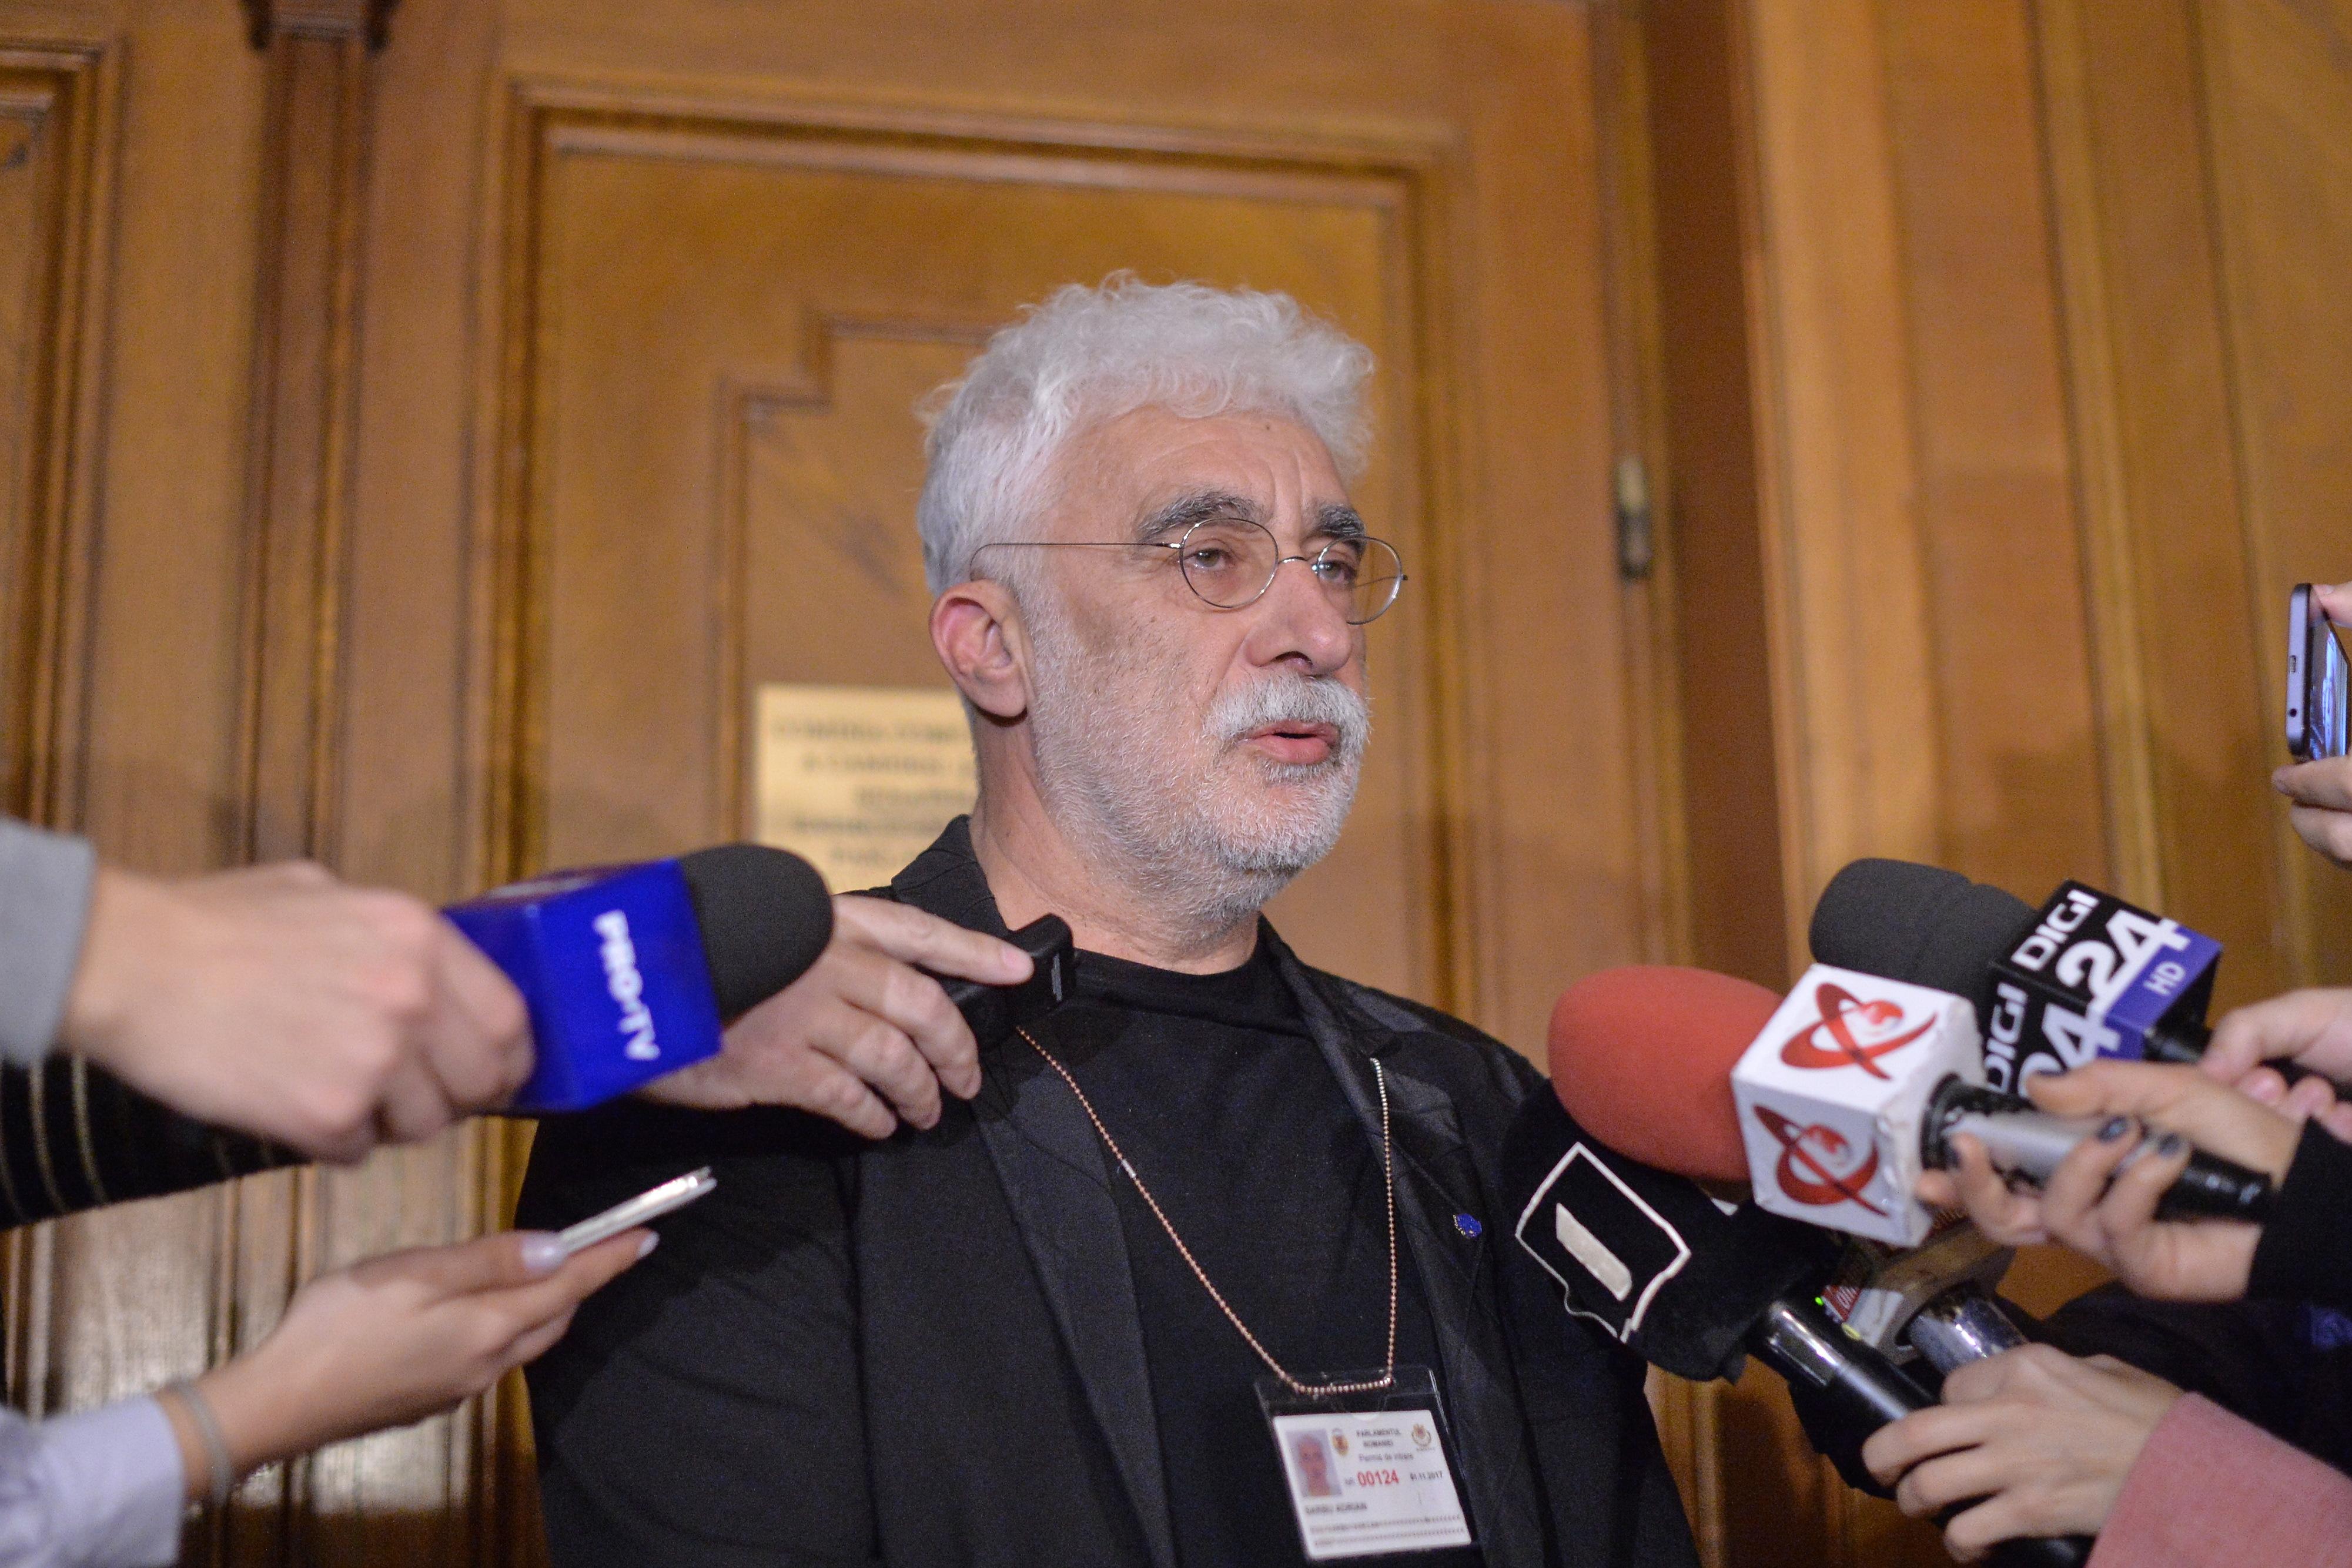 Manda: Directorul SRI i-a cerut lui Adrian Sârbu să-i dea sfaturi lui Sebastian Ghiţă privind Realitatea/ Patronul Mediafax a declarat că a fost martor când Coldea a spus că are soluţie pentru Voiculescu